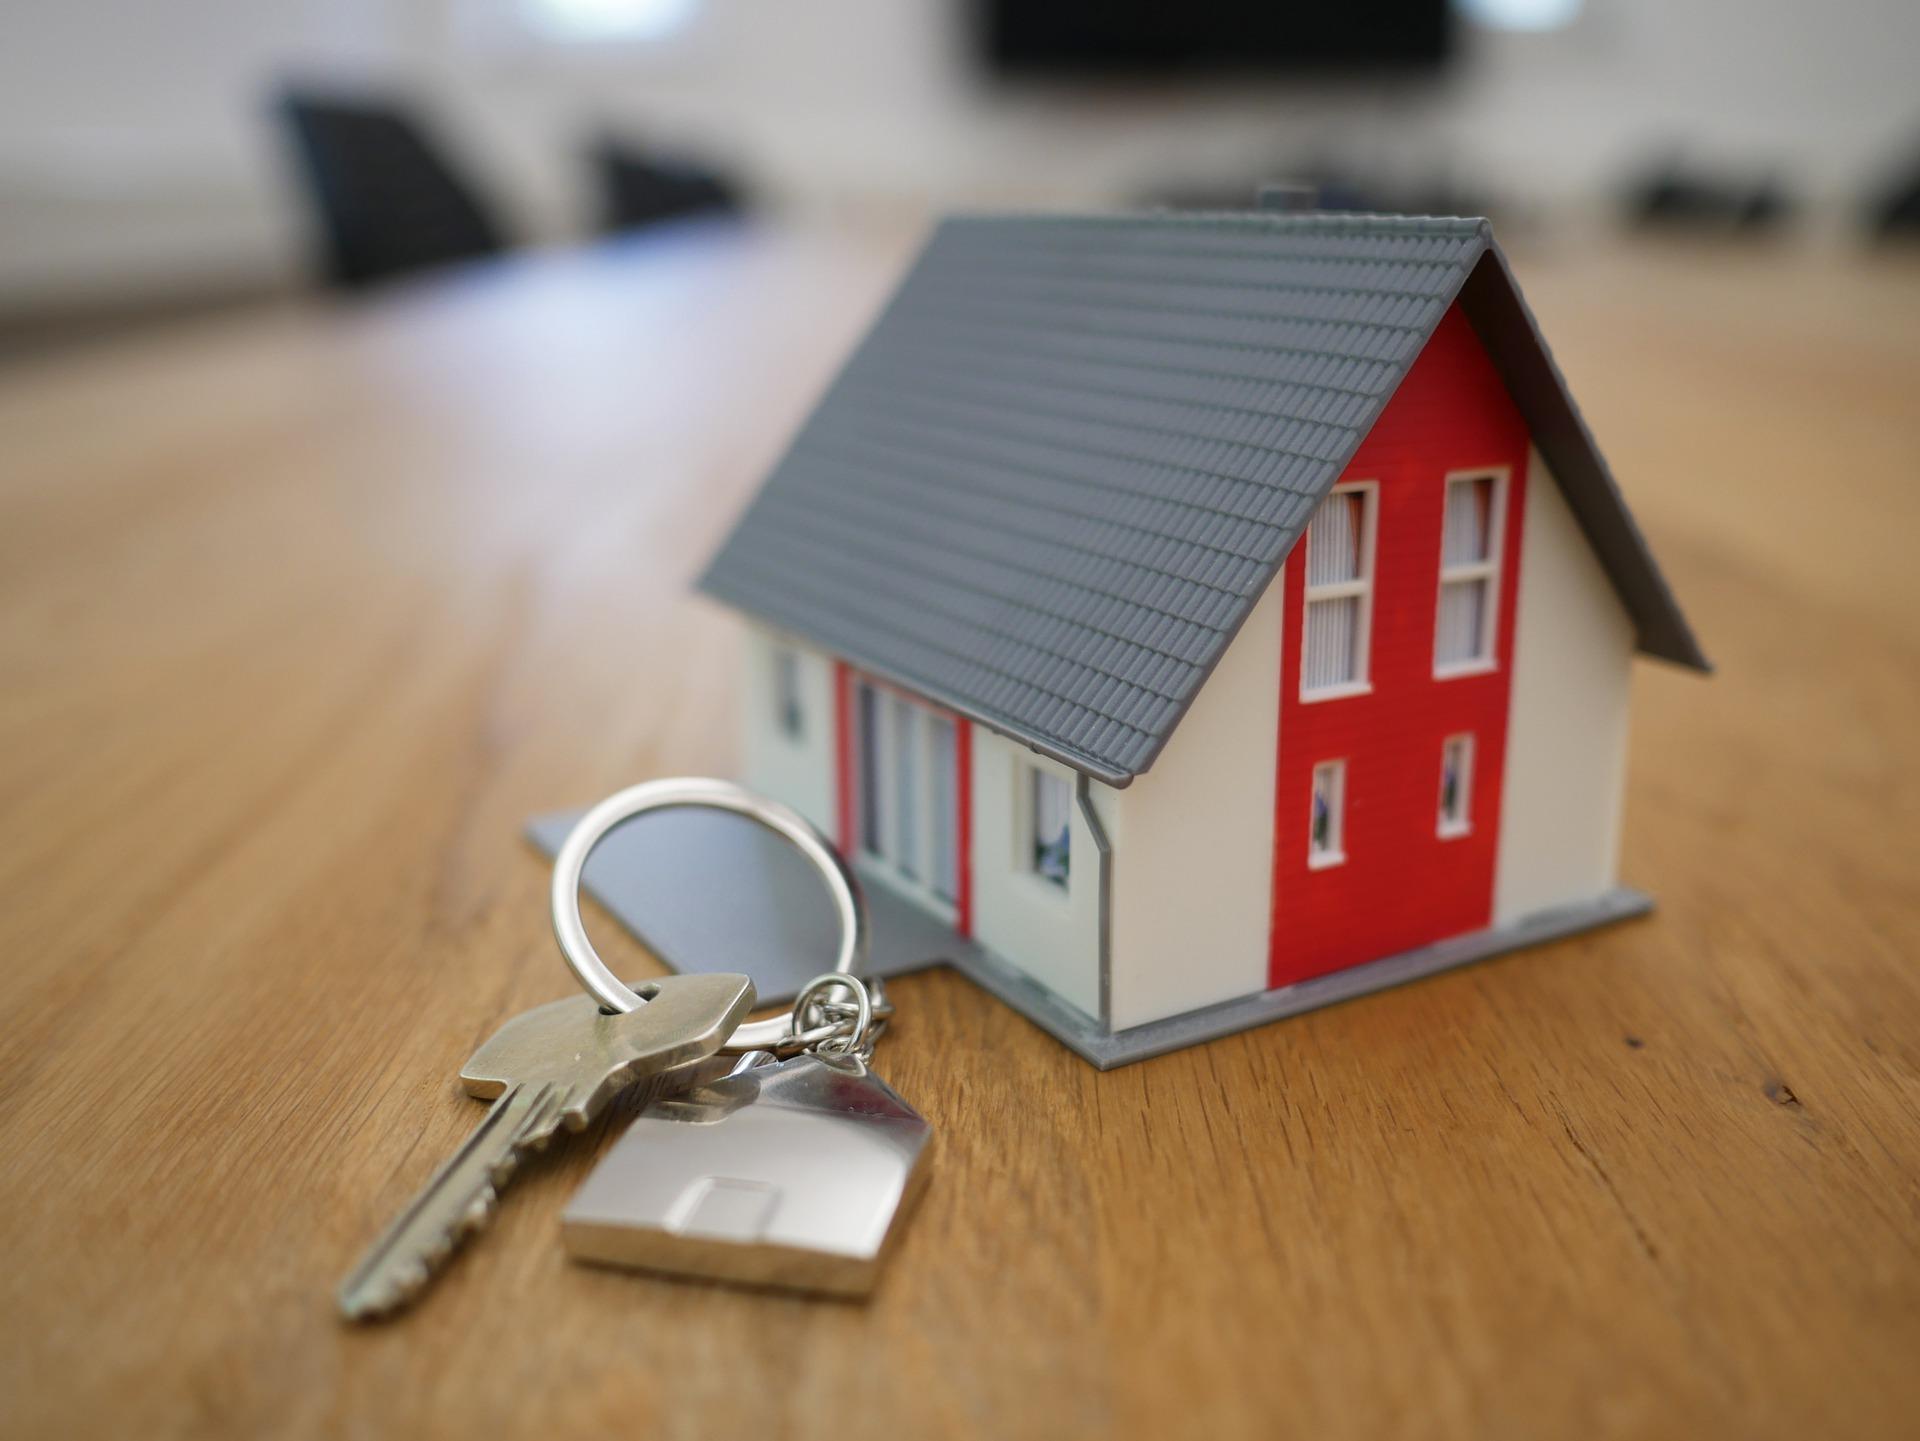 Las inmobiliarias 'online' no perciben comisiones, pero tampoco son gratuitas.